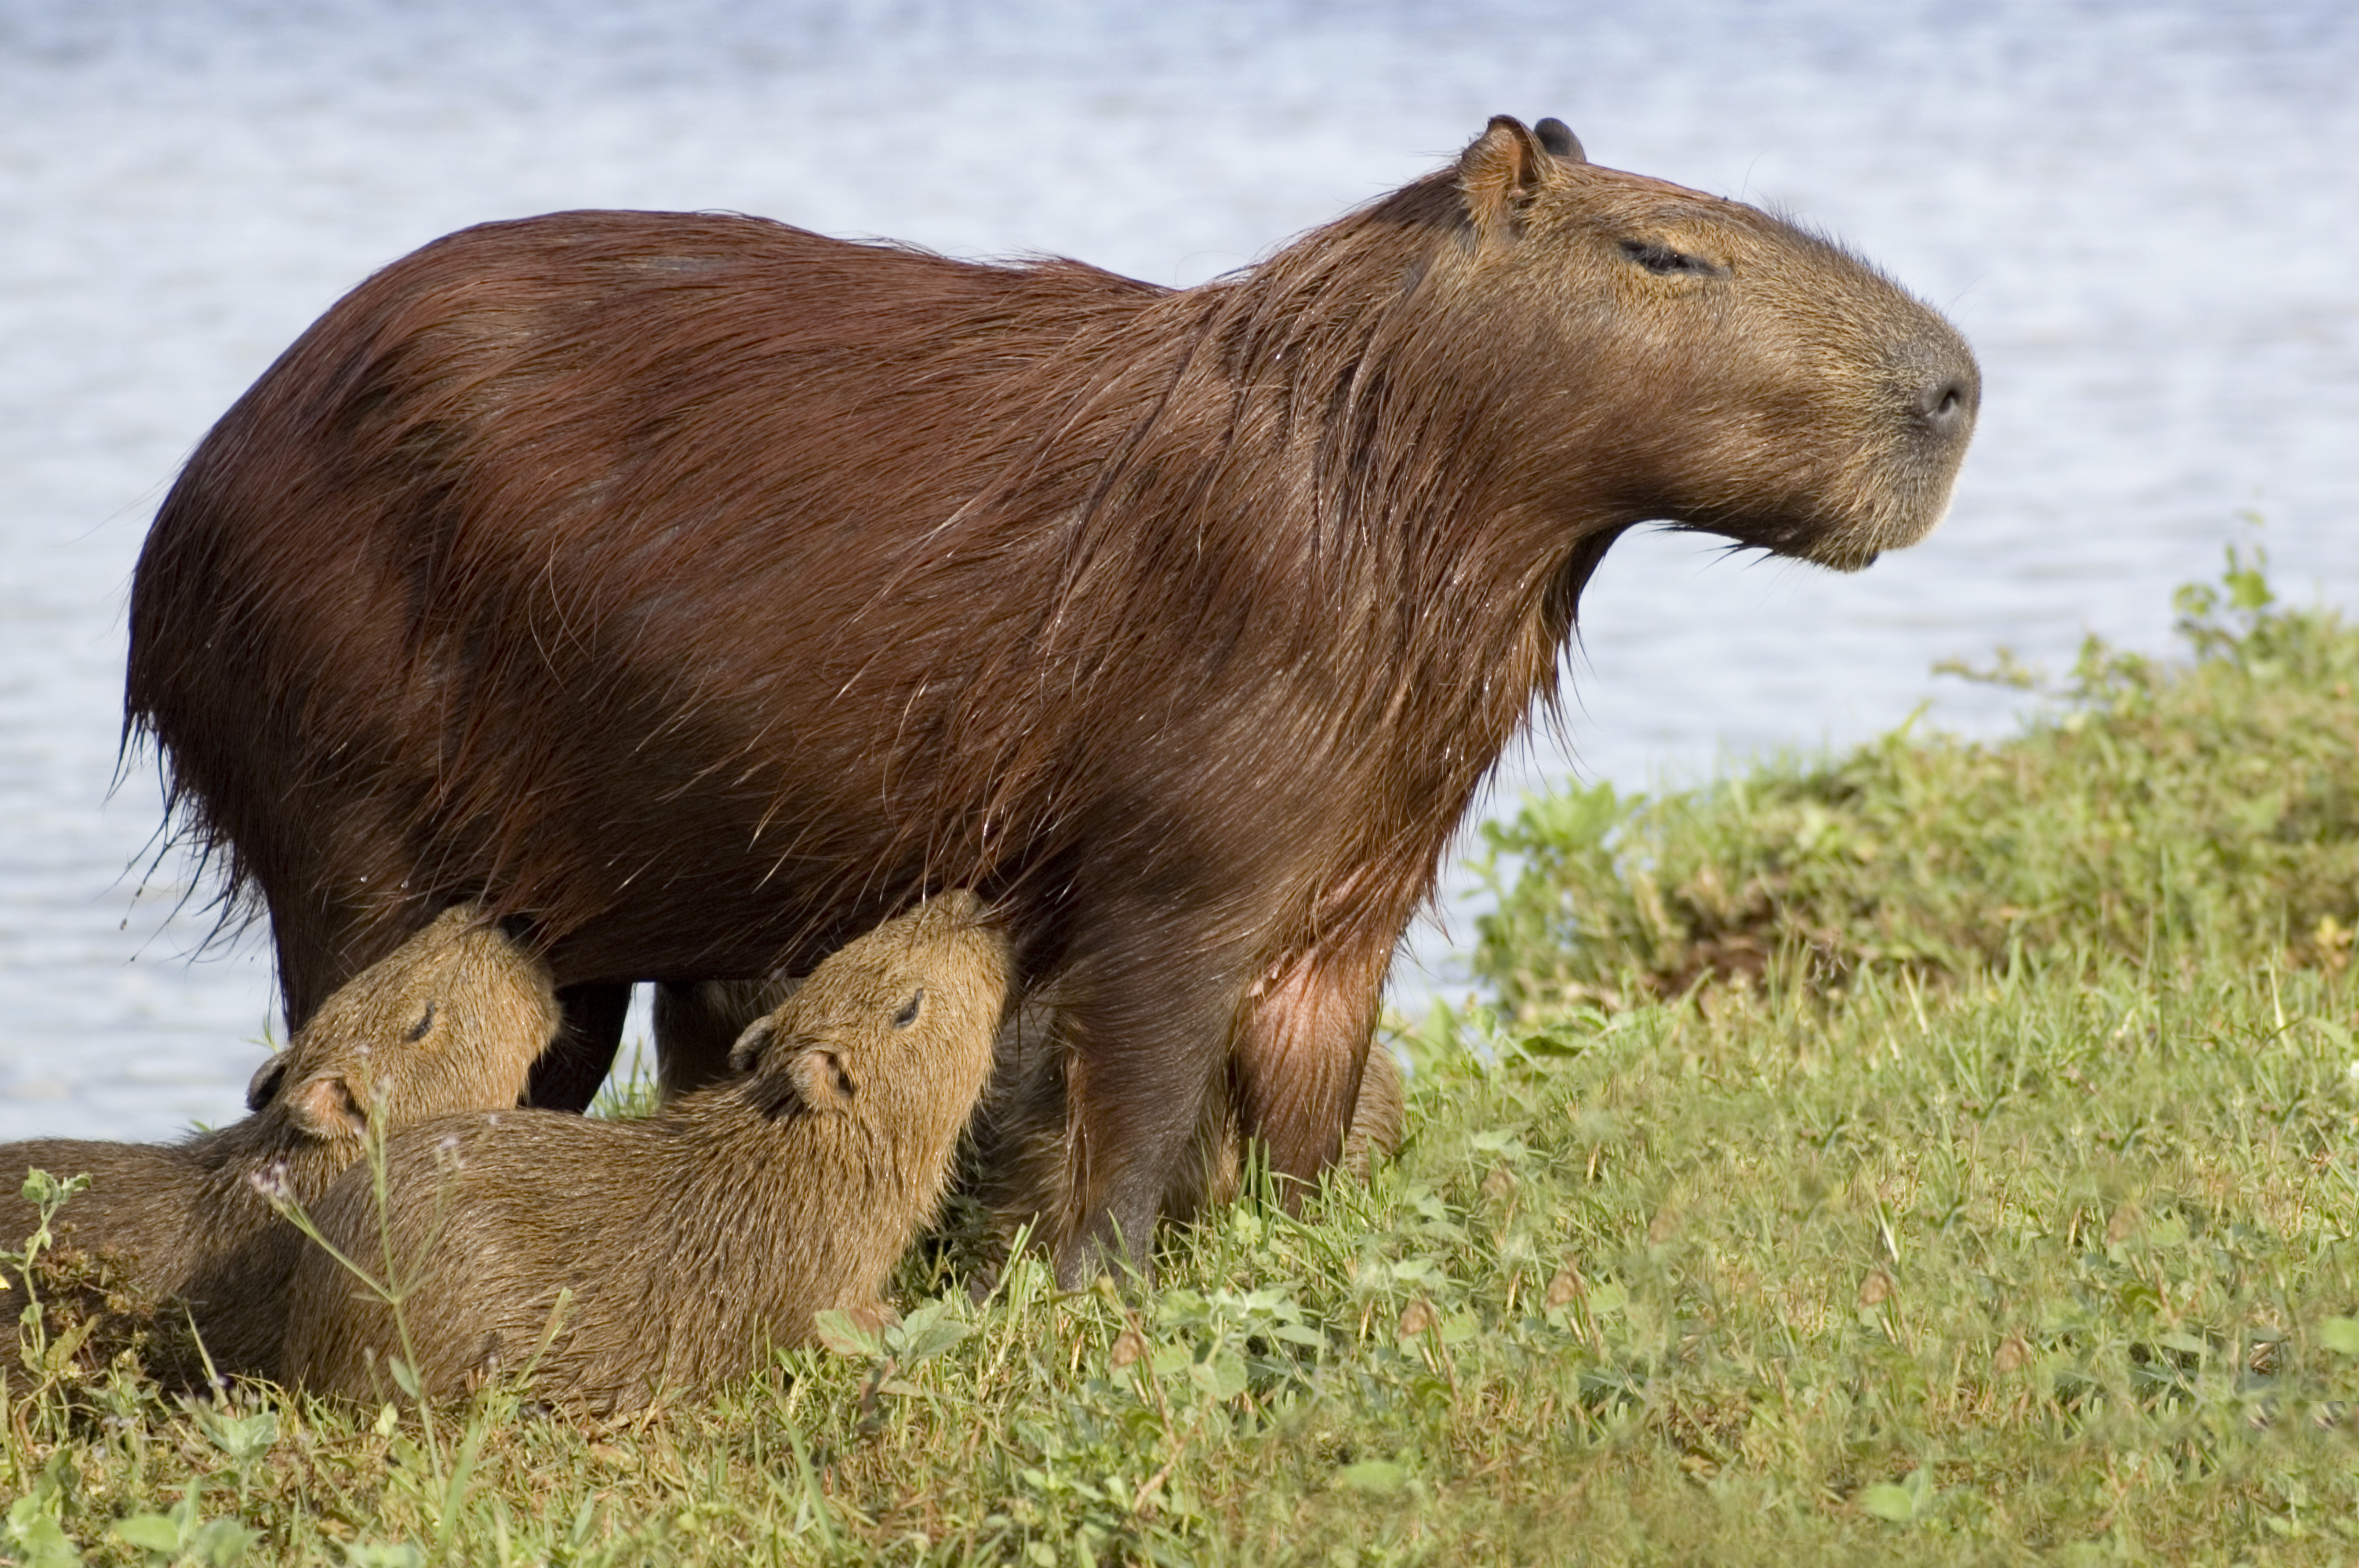 Capybara found at Los Llanos